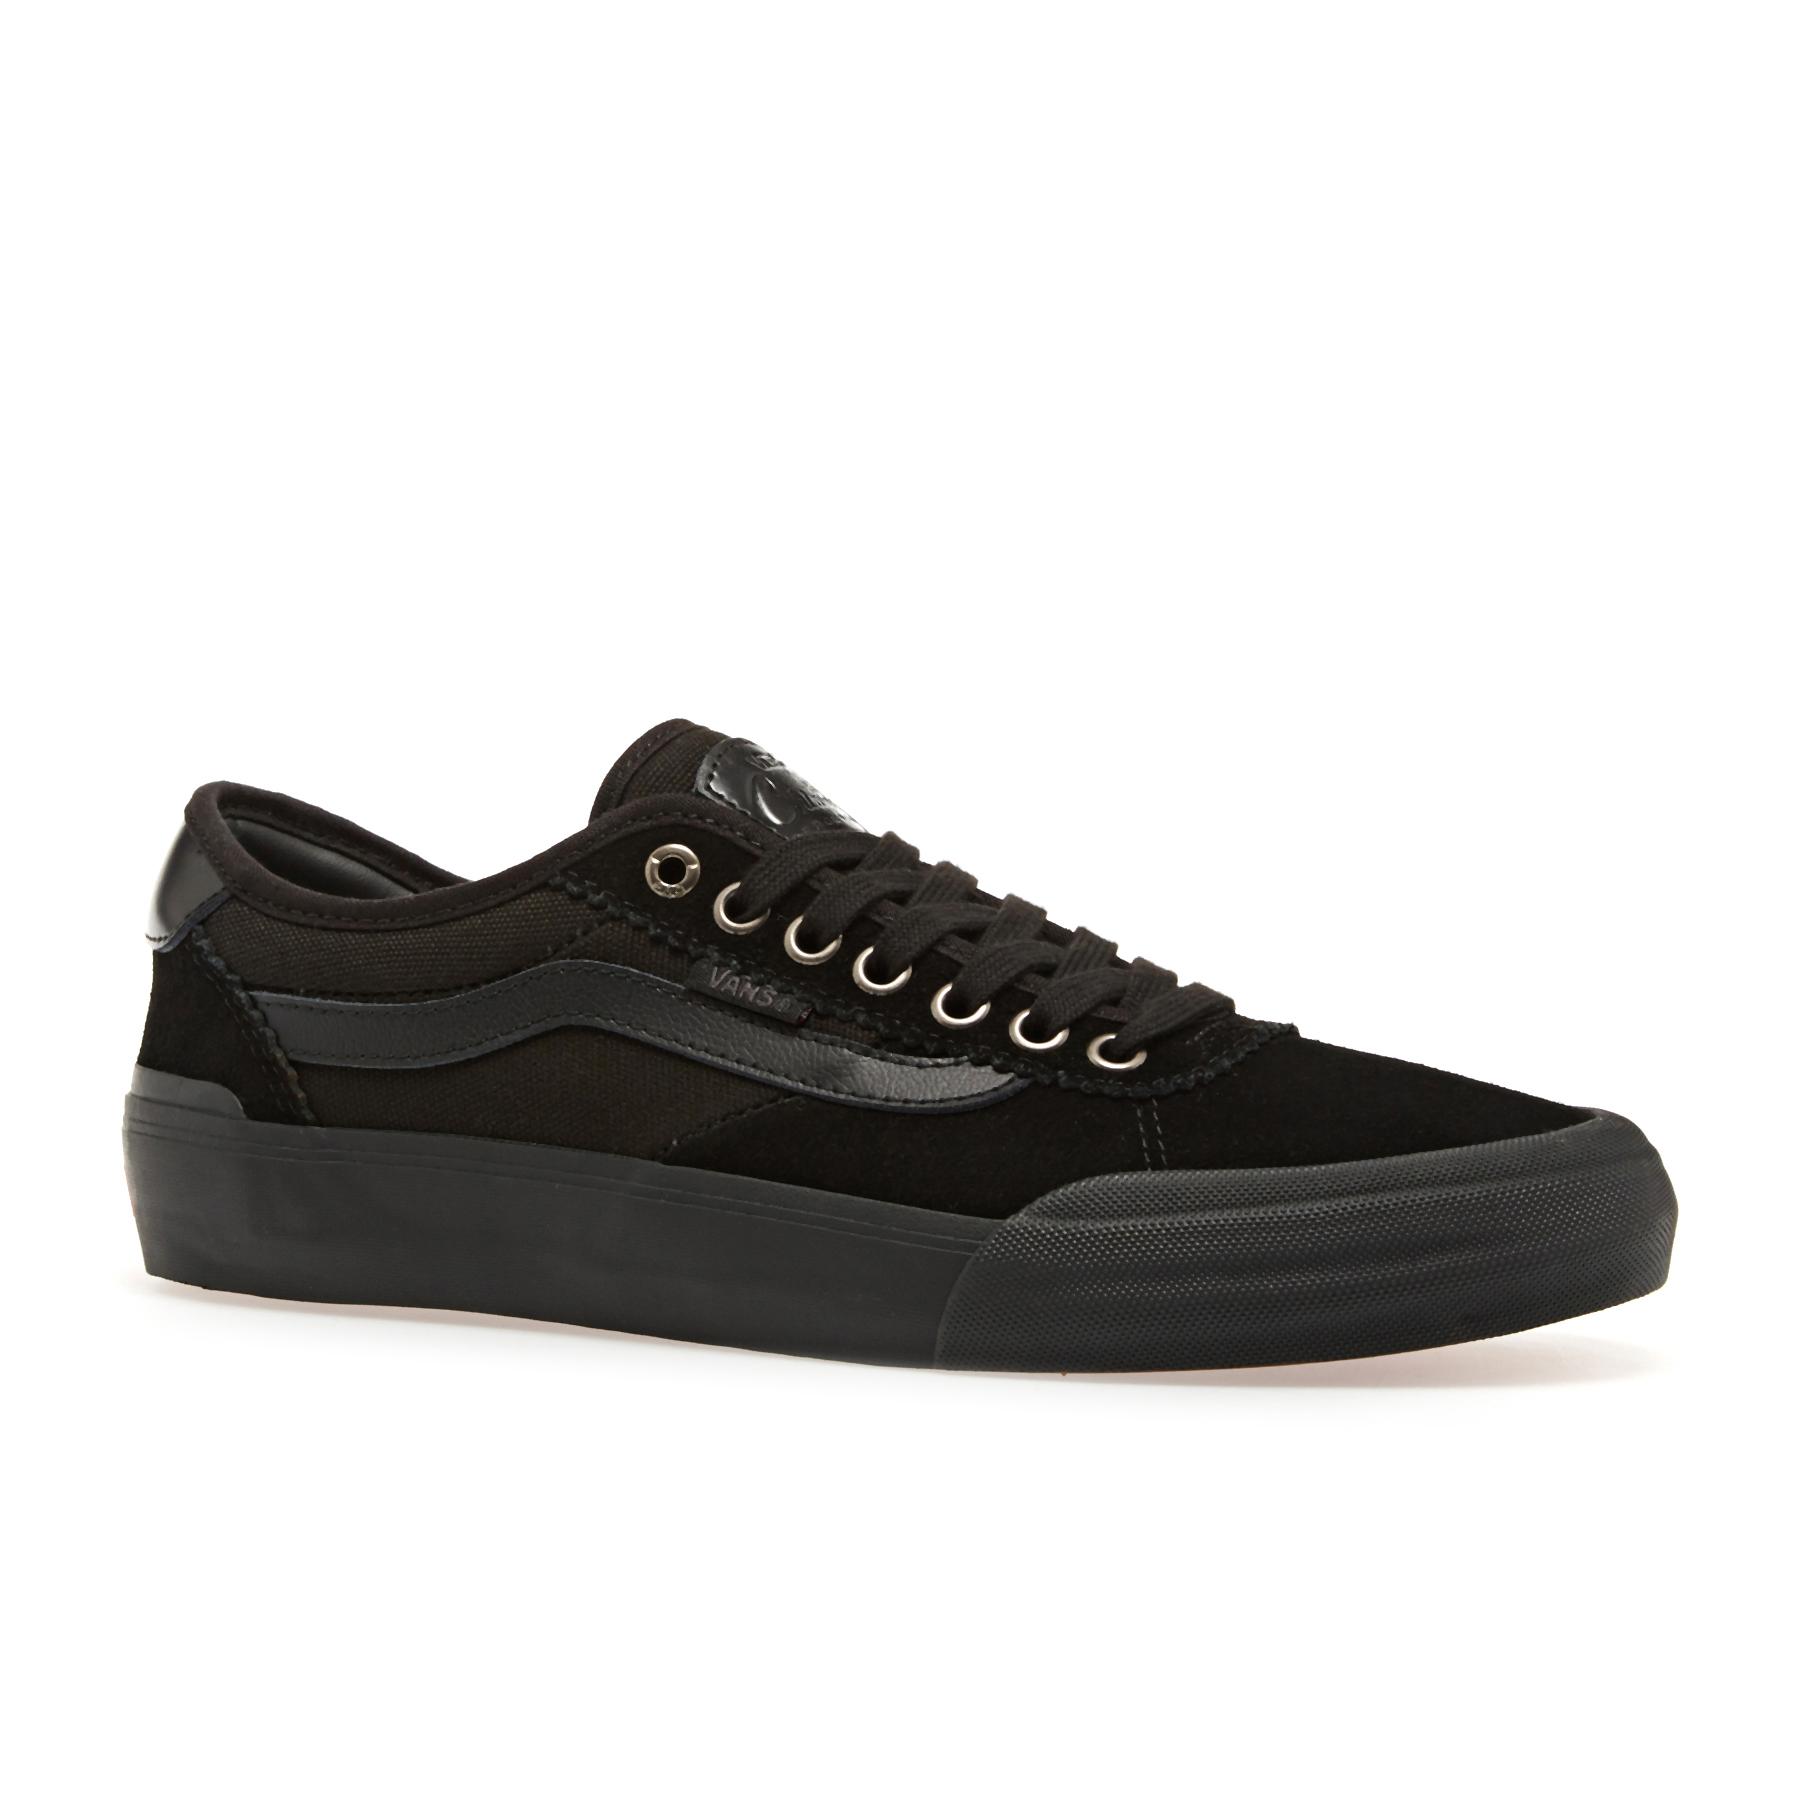 Vans Skate Shoes Man Mn Ultrarange pro (Thrasher) Black Gum